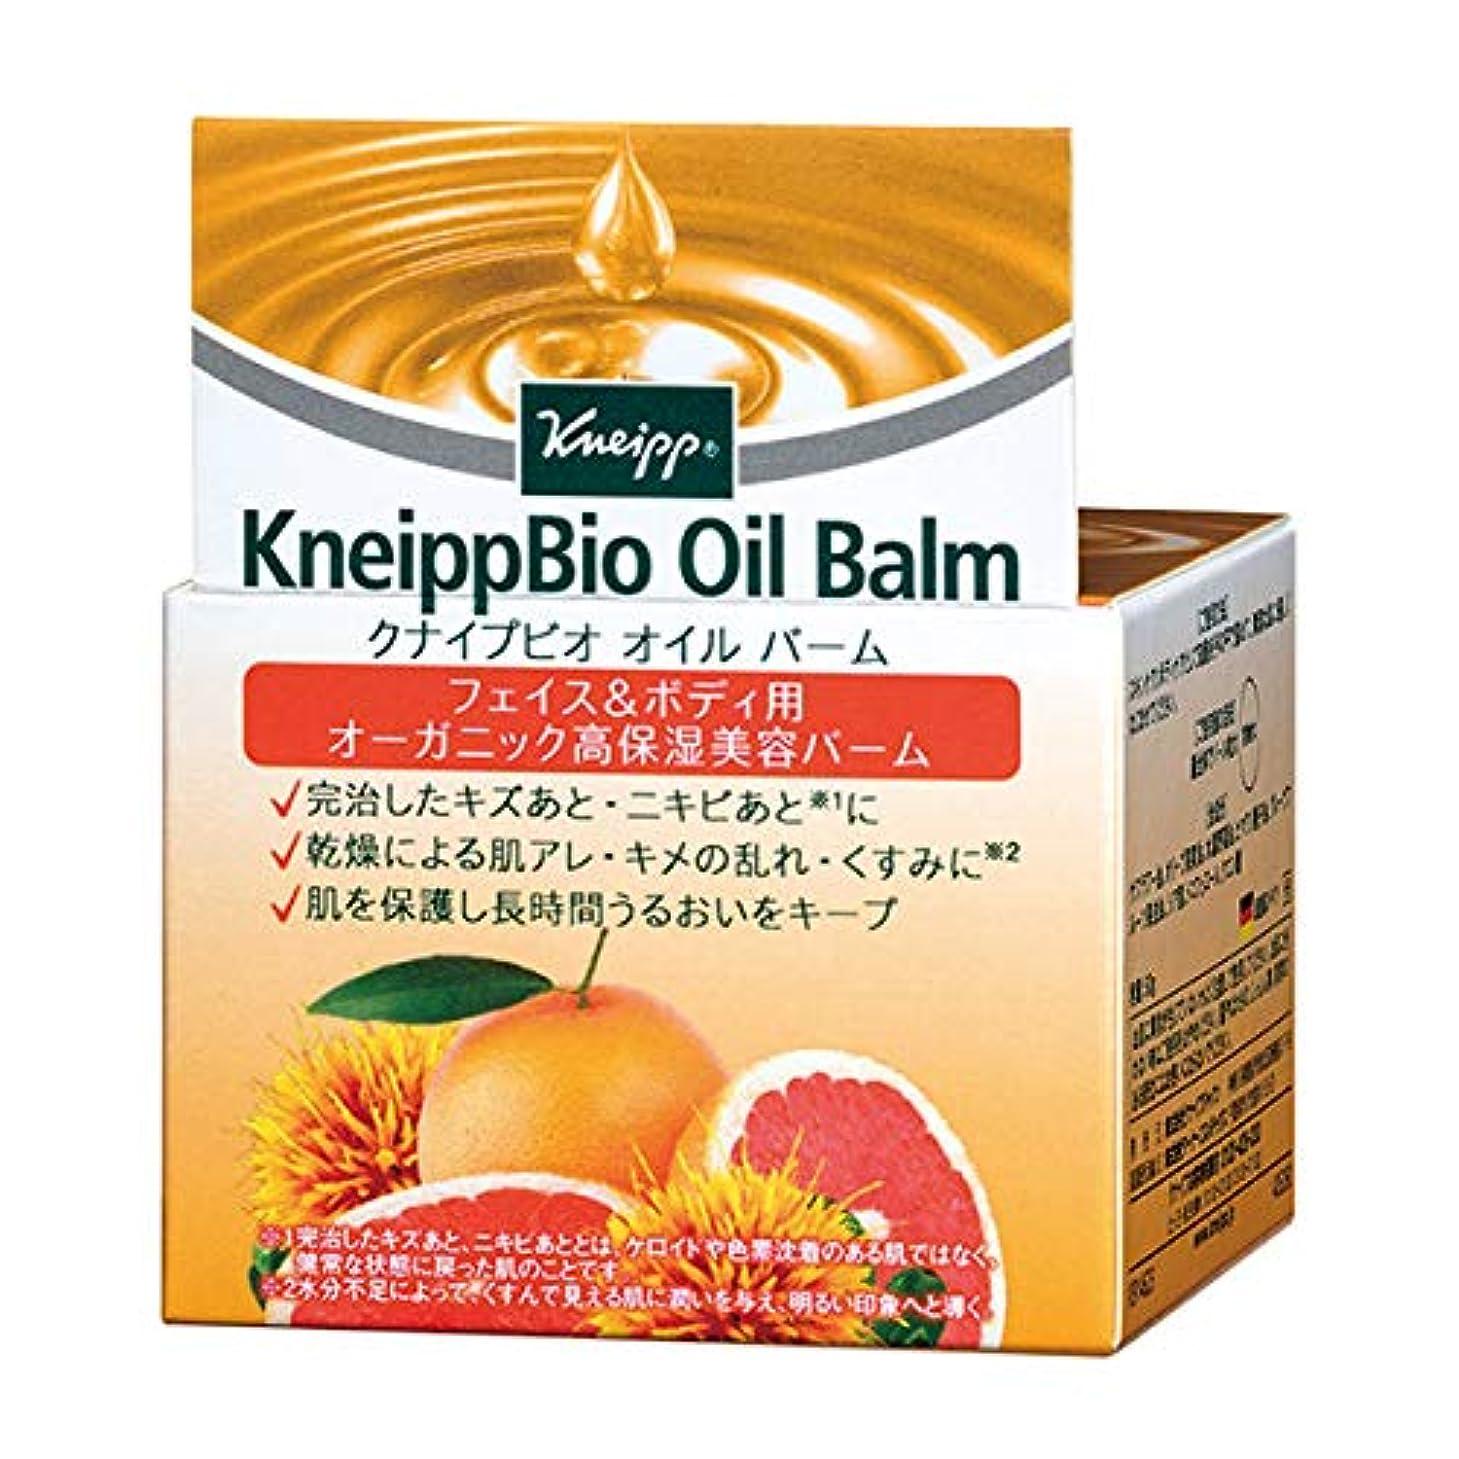 欺くためらう入口クナイプ(Kneipp) クナイプビオ オイル バーム 50g 美容液